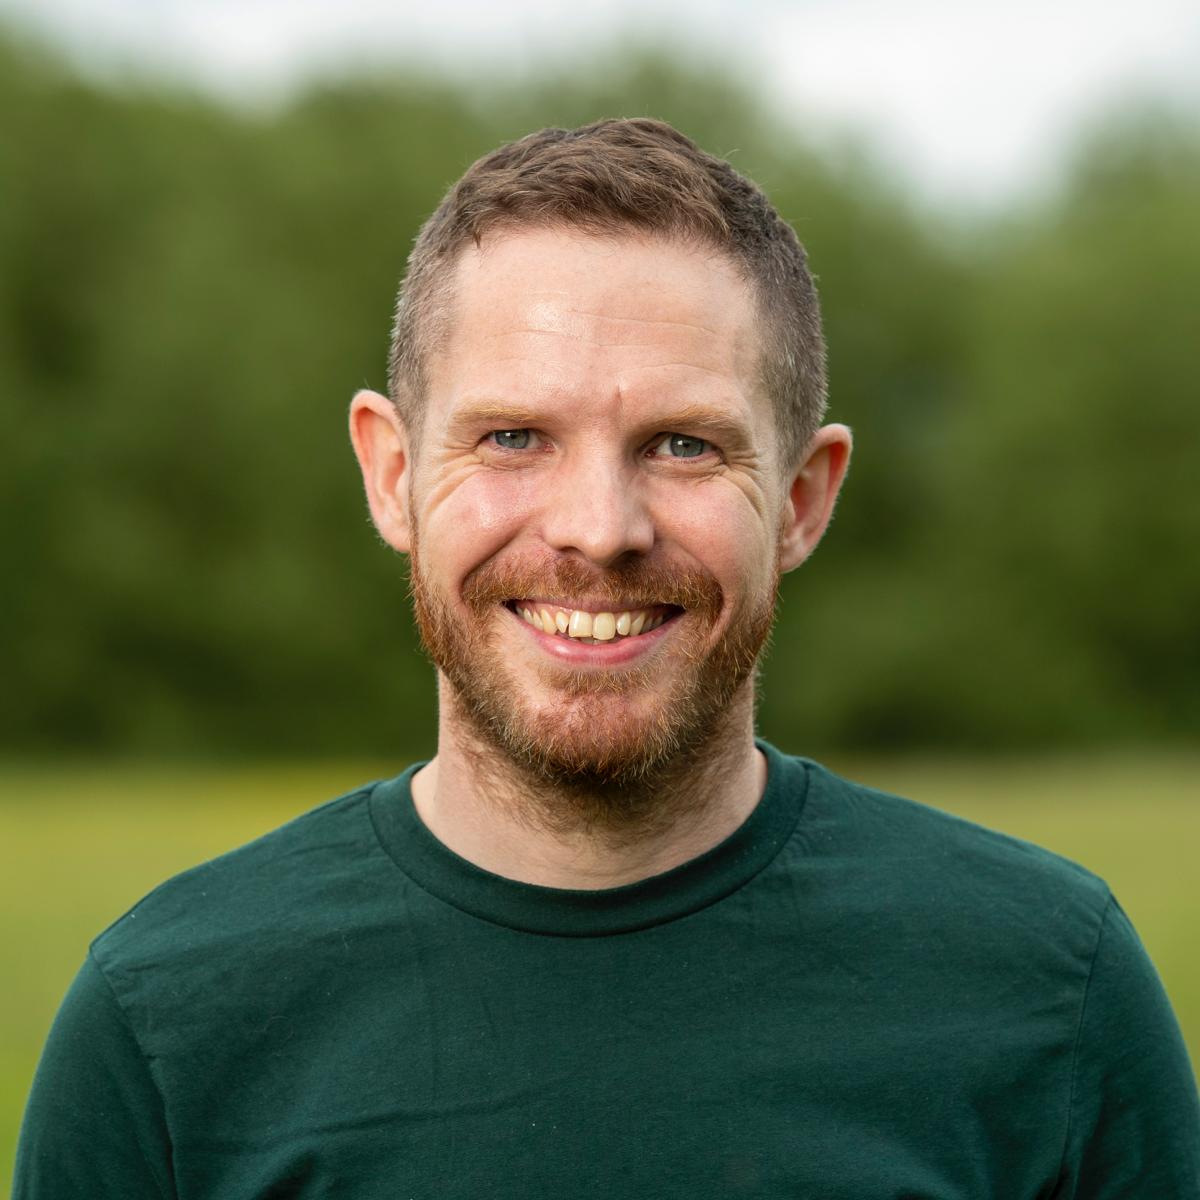 Fruto - UX/UI design consultant - Jamie Cooper